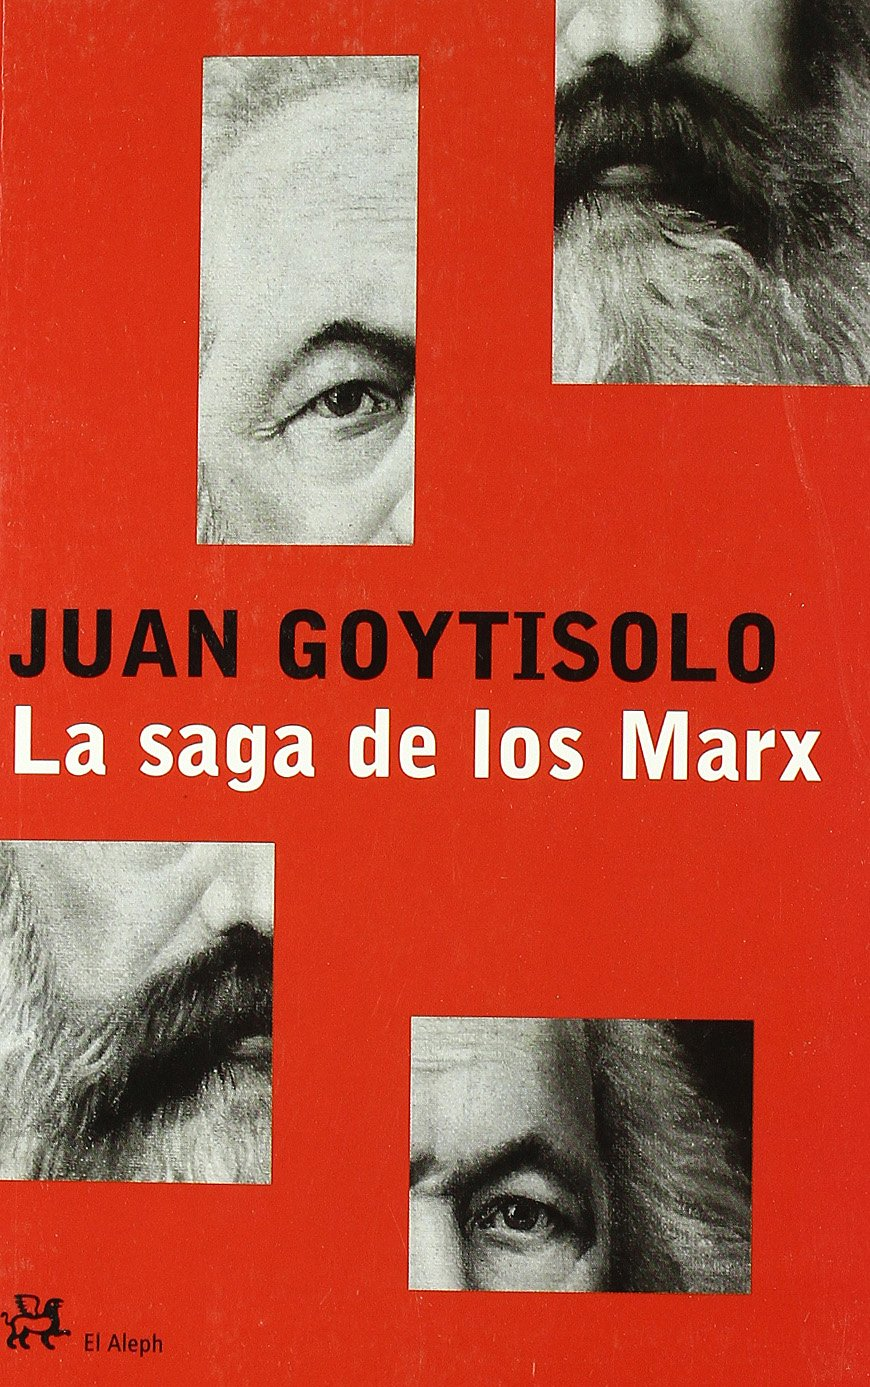 La saga de los Marx (Modernos y Clásicos): Amazon.es: Goytisolo, Juan: Libros